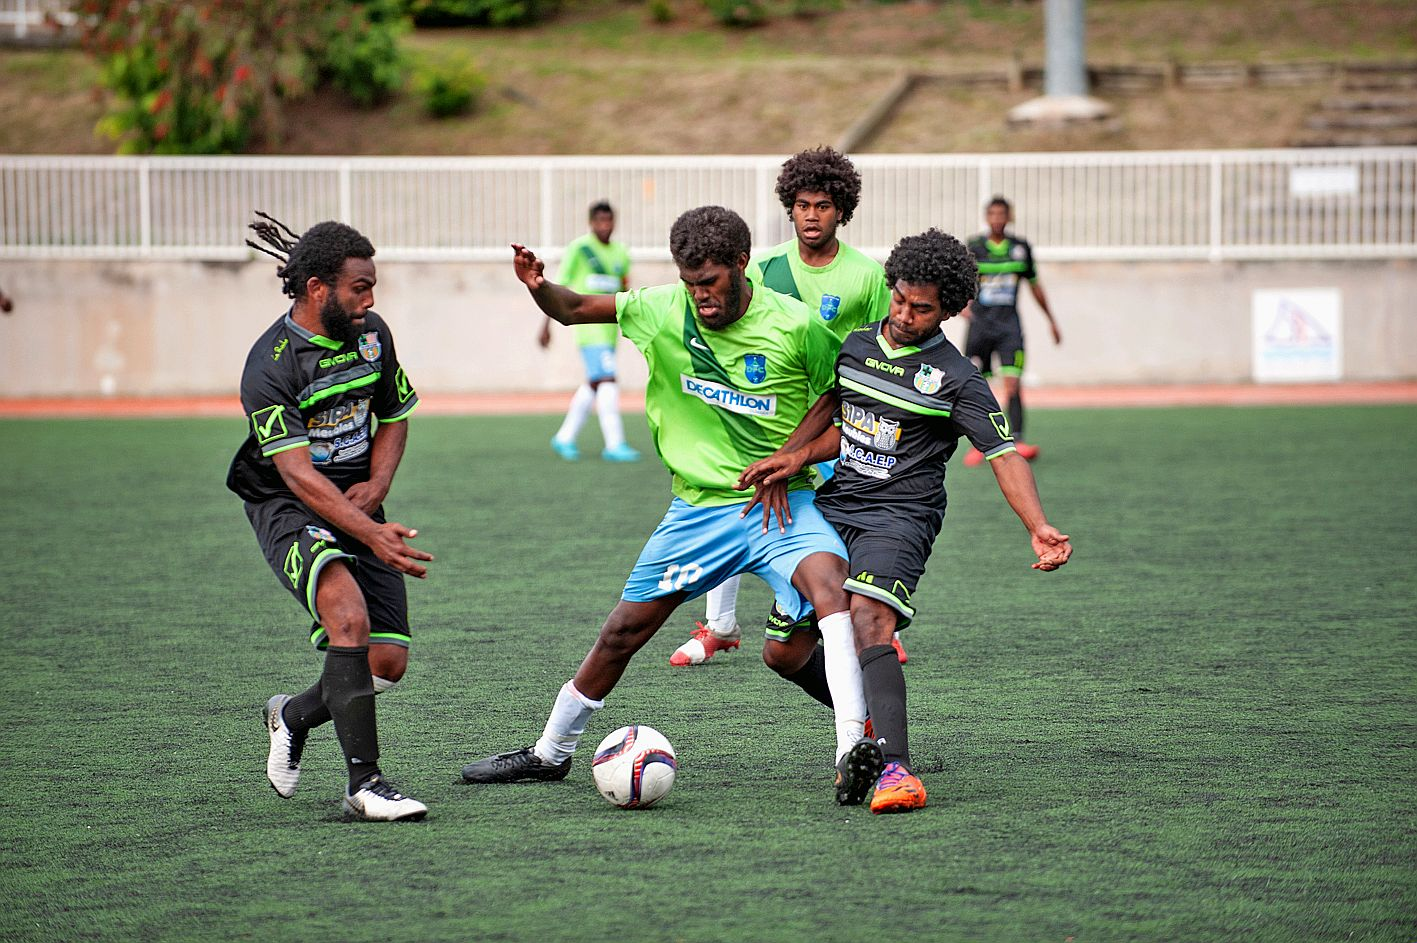 Samedi après-midi au stade du PLGC, Dumbéa FC (en vert et bleu) équipe de PH Sud, a éliminé 3-0 Trio Kejeny, qui évolue en Super Ligue.   Photo Cyril Terrien